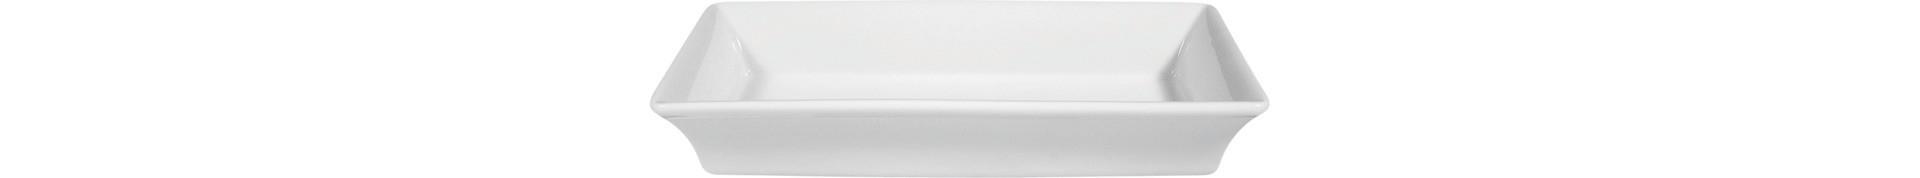 Buffet Gourmet, Schale 100 x 200 mm / 0,32 l